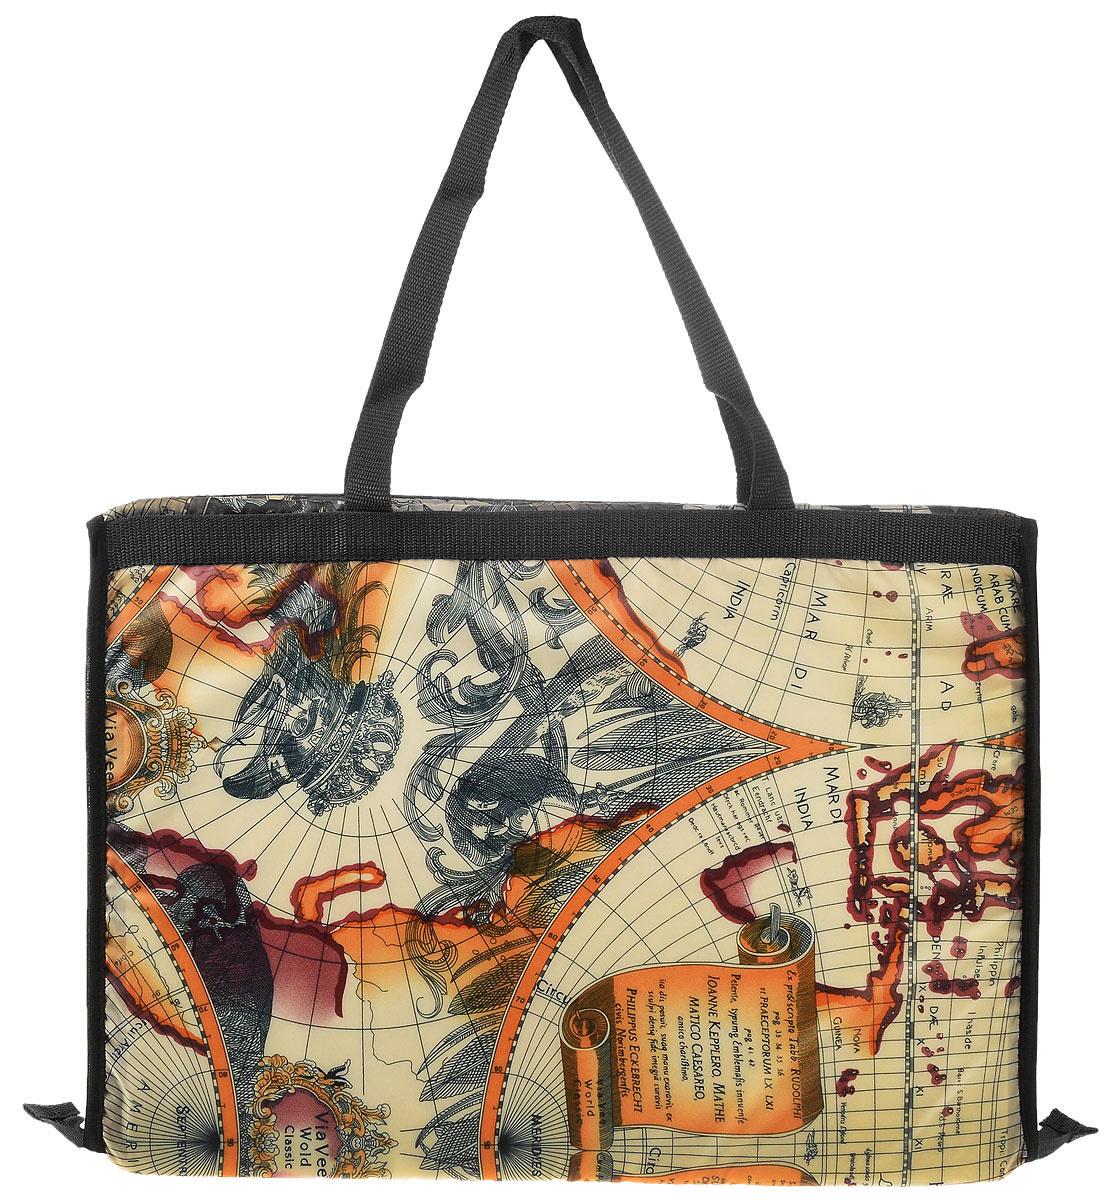 Сумка-коврик для пляжа Eva, цвет: черный, оранжевый, слоновая кость, 38 х 52 смК37_черныйСумка-коврик Eva изготовлена из полиэтилена и пенополиэтилена. Вместимая сумка на молнии одним движение превращается в удобный пляжный коврик для загорания. Для отдыха на пляже или пикника будет полезной такая вещь, как сумка-коврик. Изделие сделает ваш отдых комфортным и приятным. Размер сумки-коврика (в сложенном виде): 38 х 52 см.Размер сумки-коврика (в развернутом виде): 145 х 52 см.